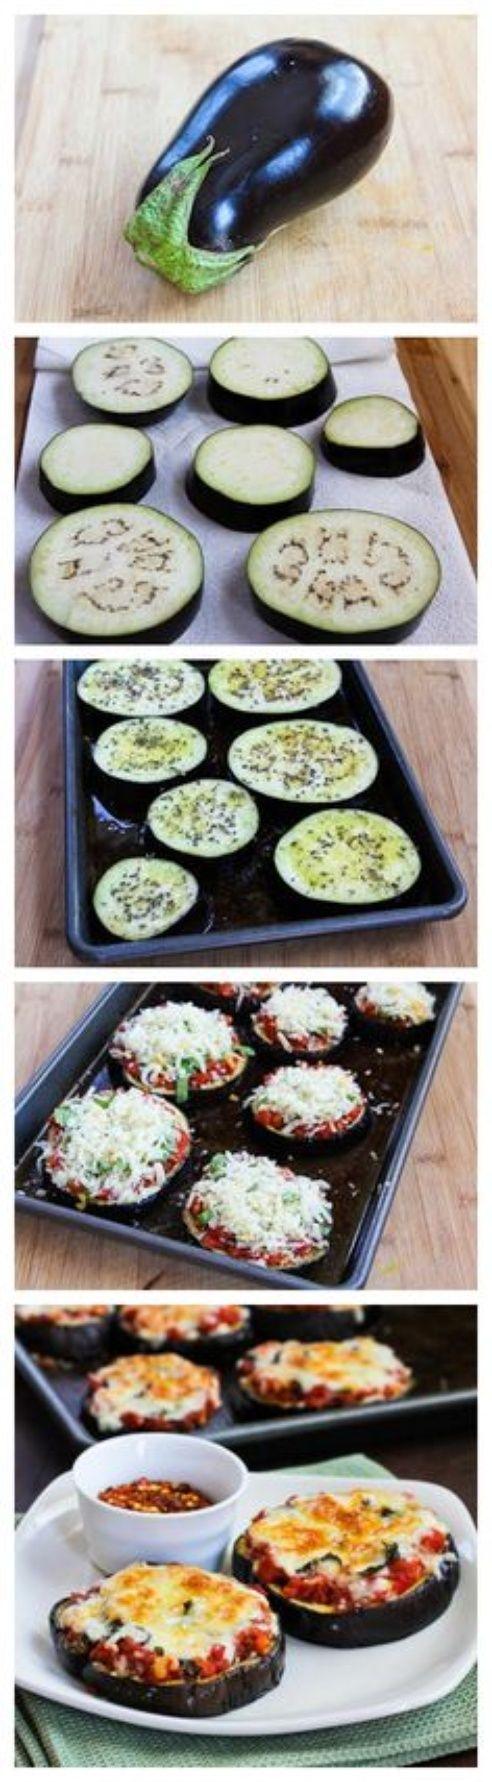 Eggplant pizzas @Josephine Kimberling Kimberling Kimberling Kimberling Kimberling Loner